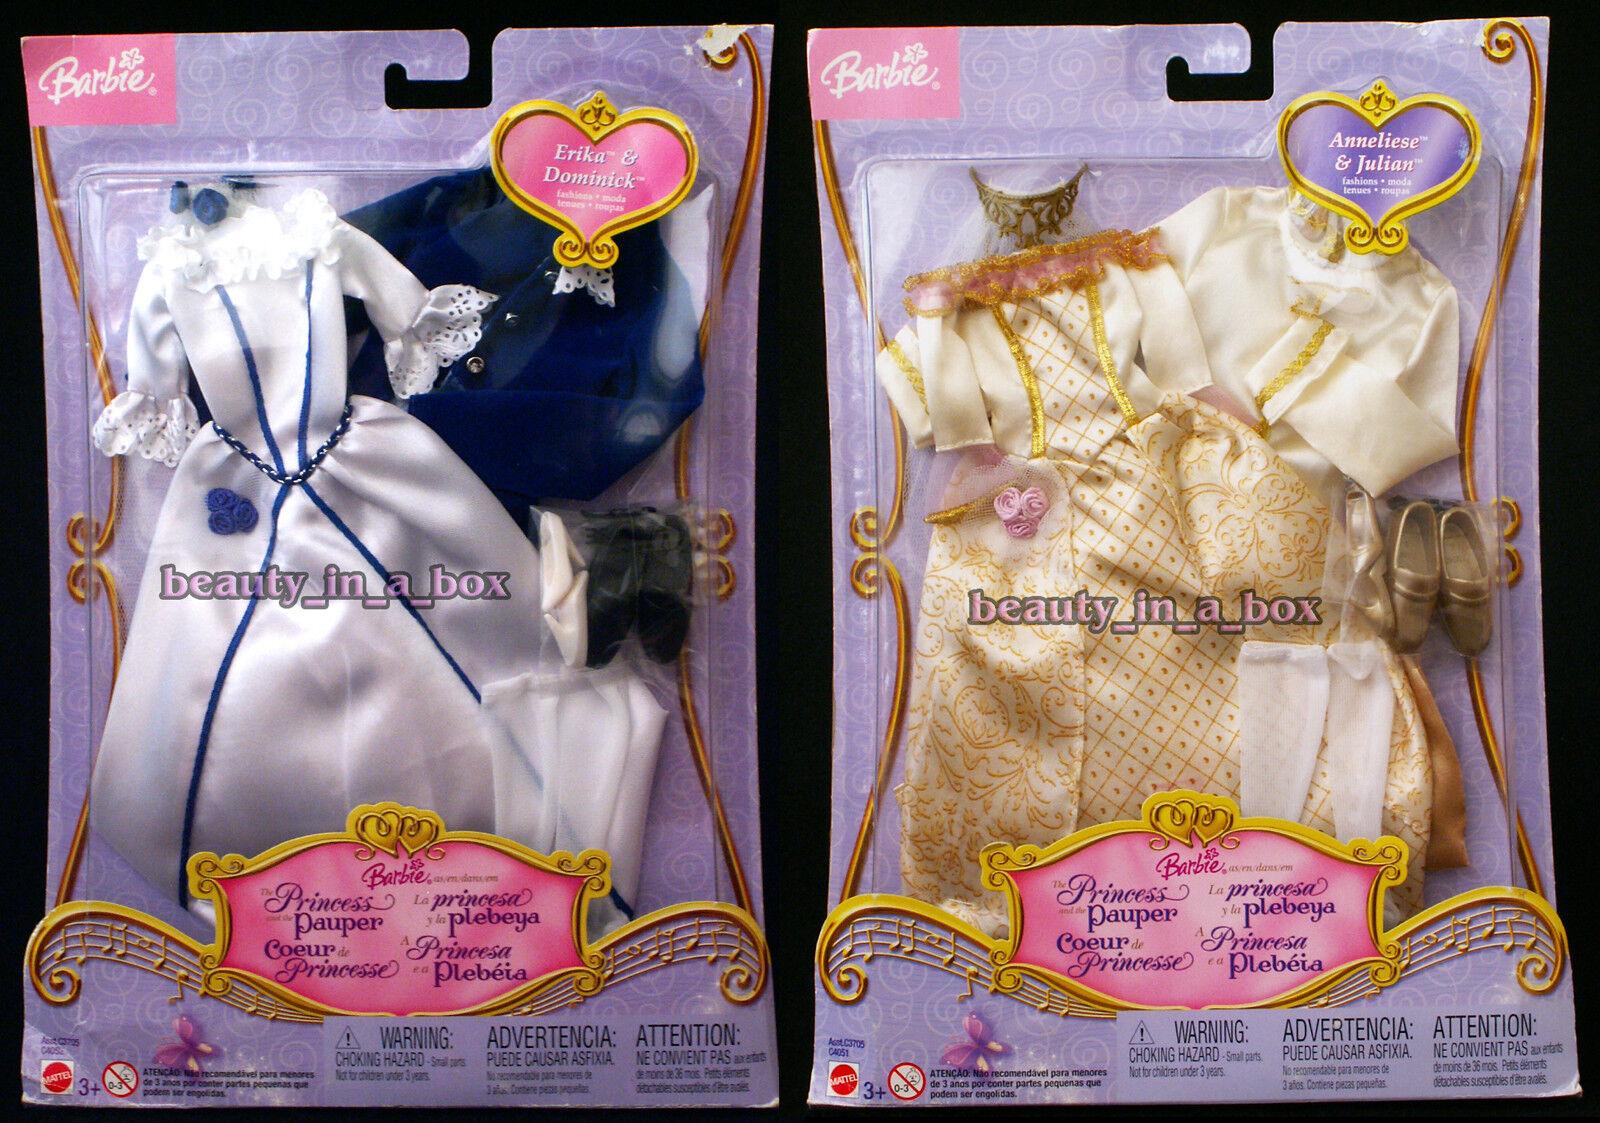 Princesa y el Pauper conjuntos de Moda para Muñeca Barbie Erika Kritsaralam Lote 2